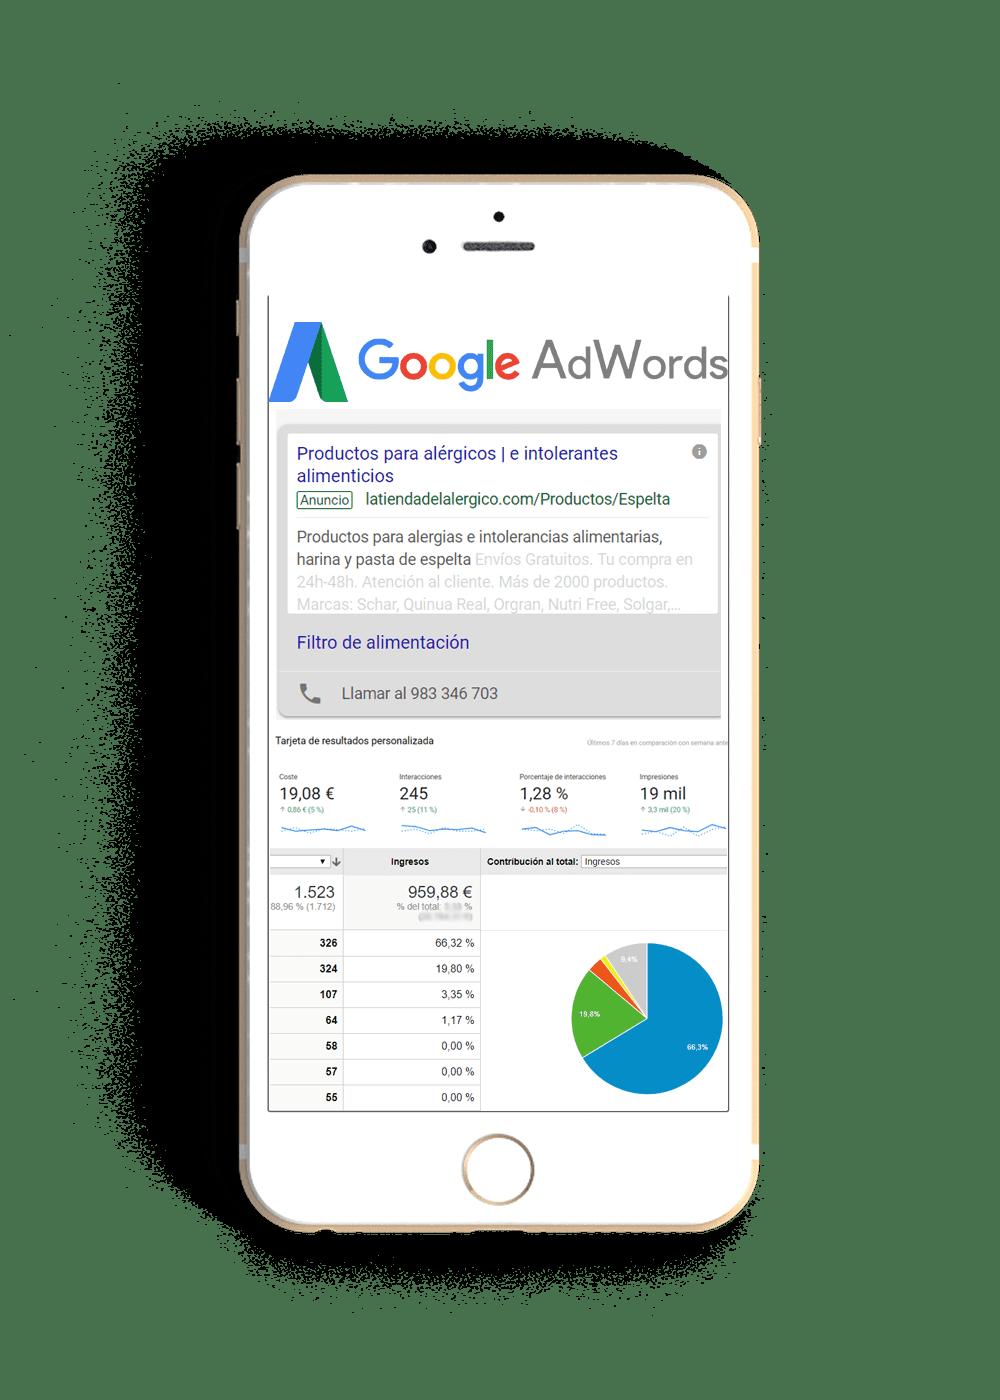 Gestion de google adwords Valladolid